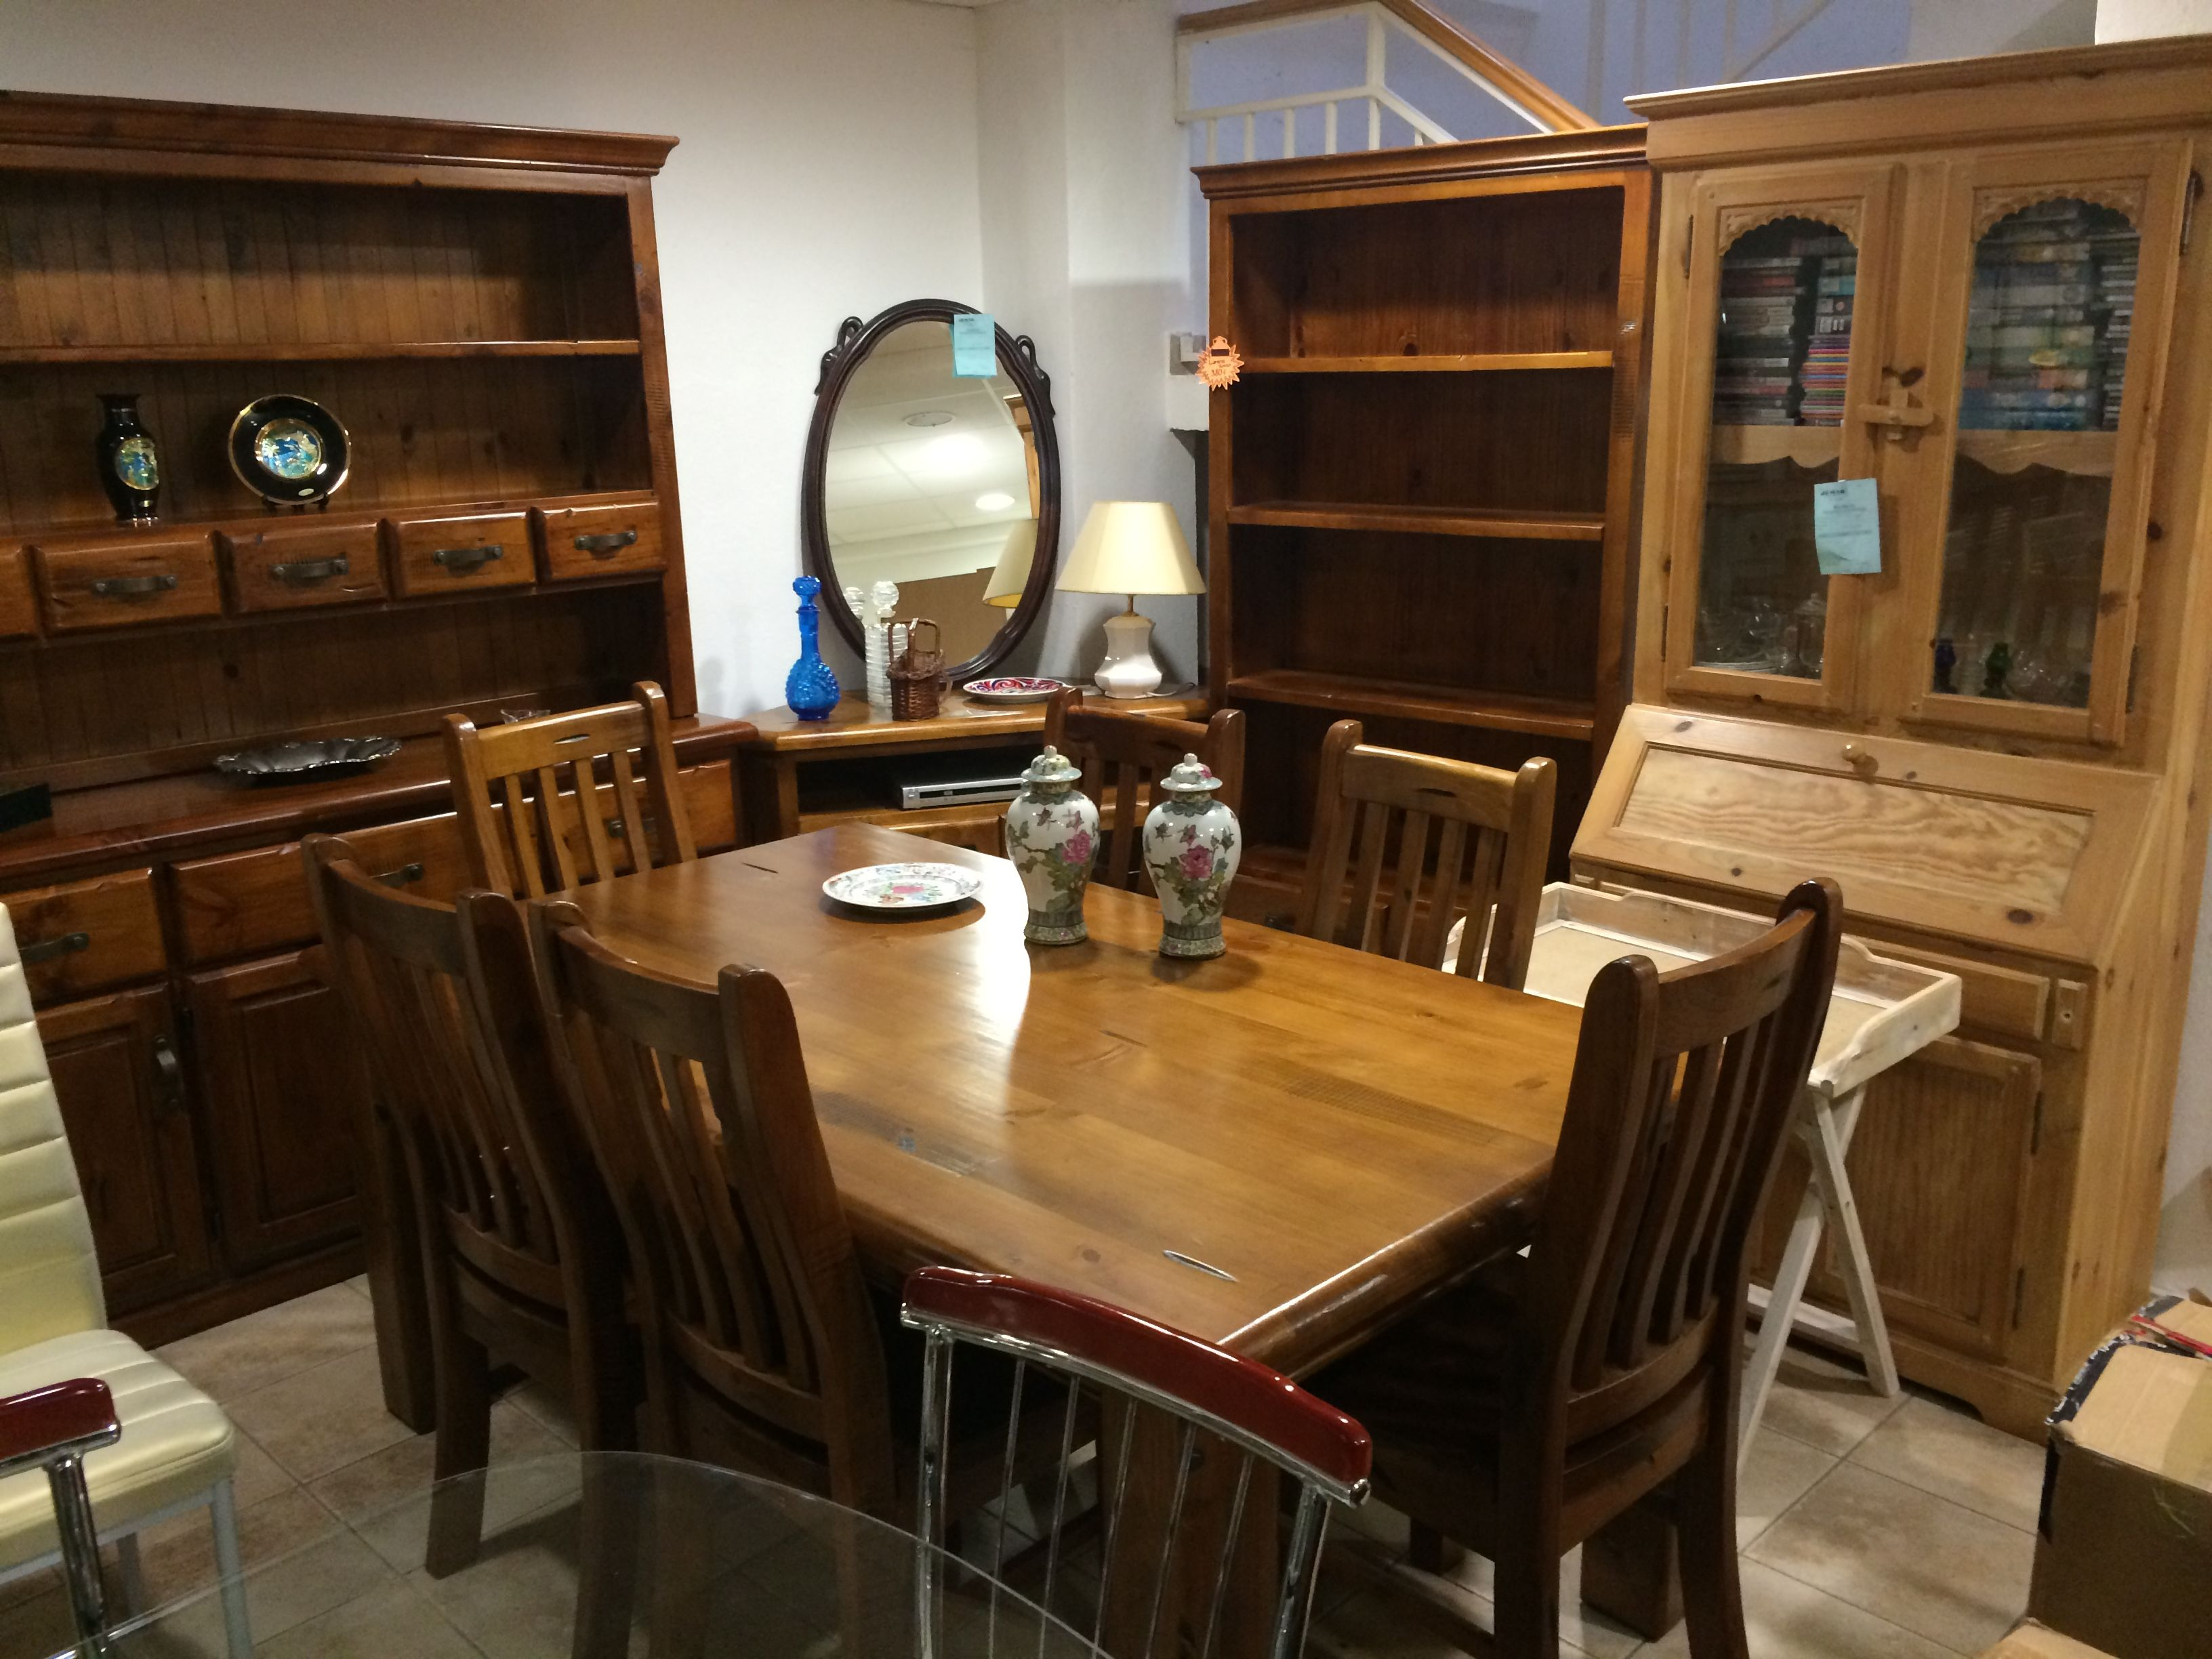 Muebles de cocina baratos en segunda mano for Cocinas profesionales de segunda mano